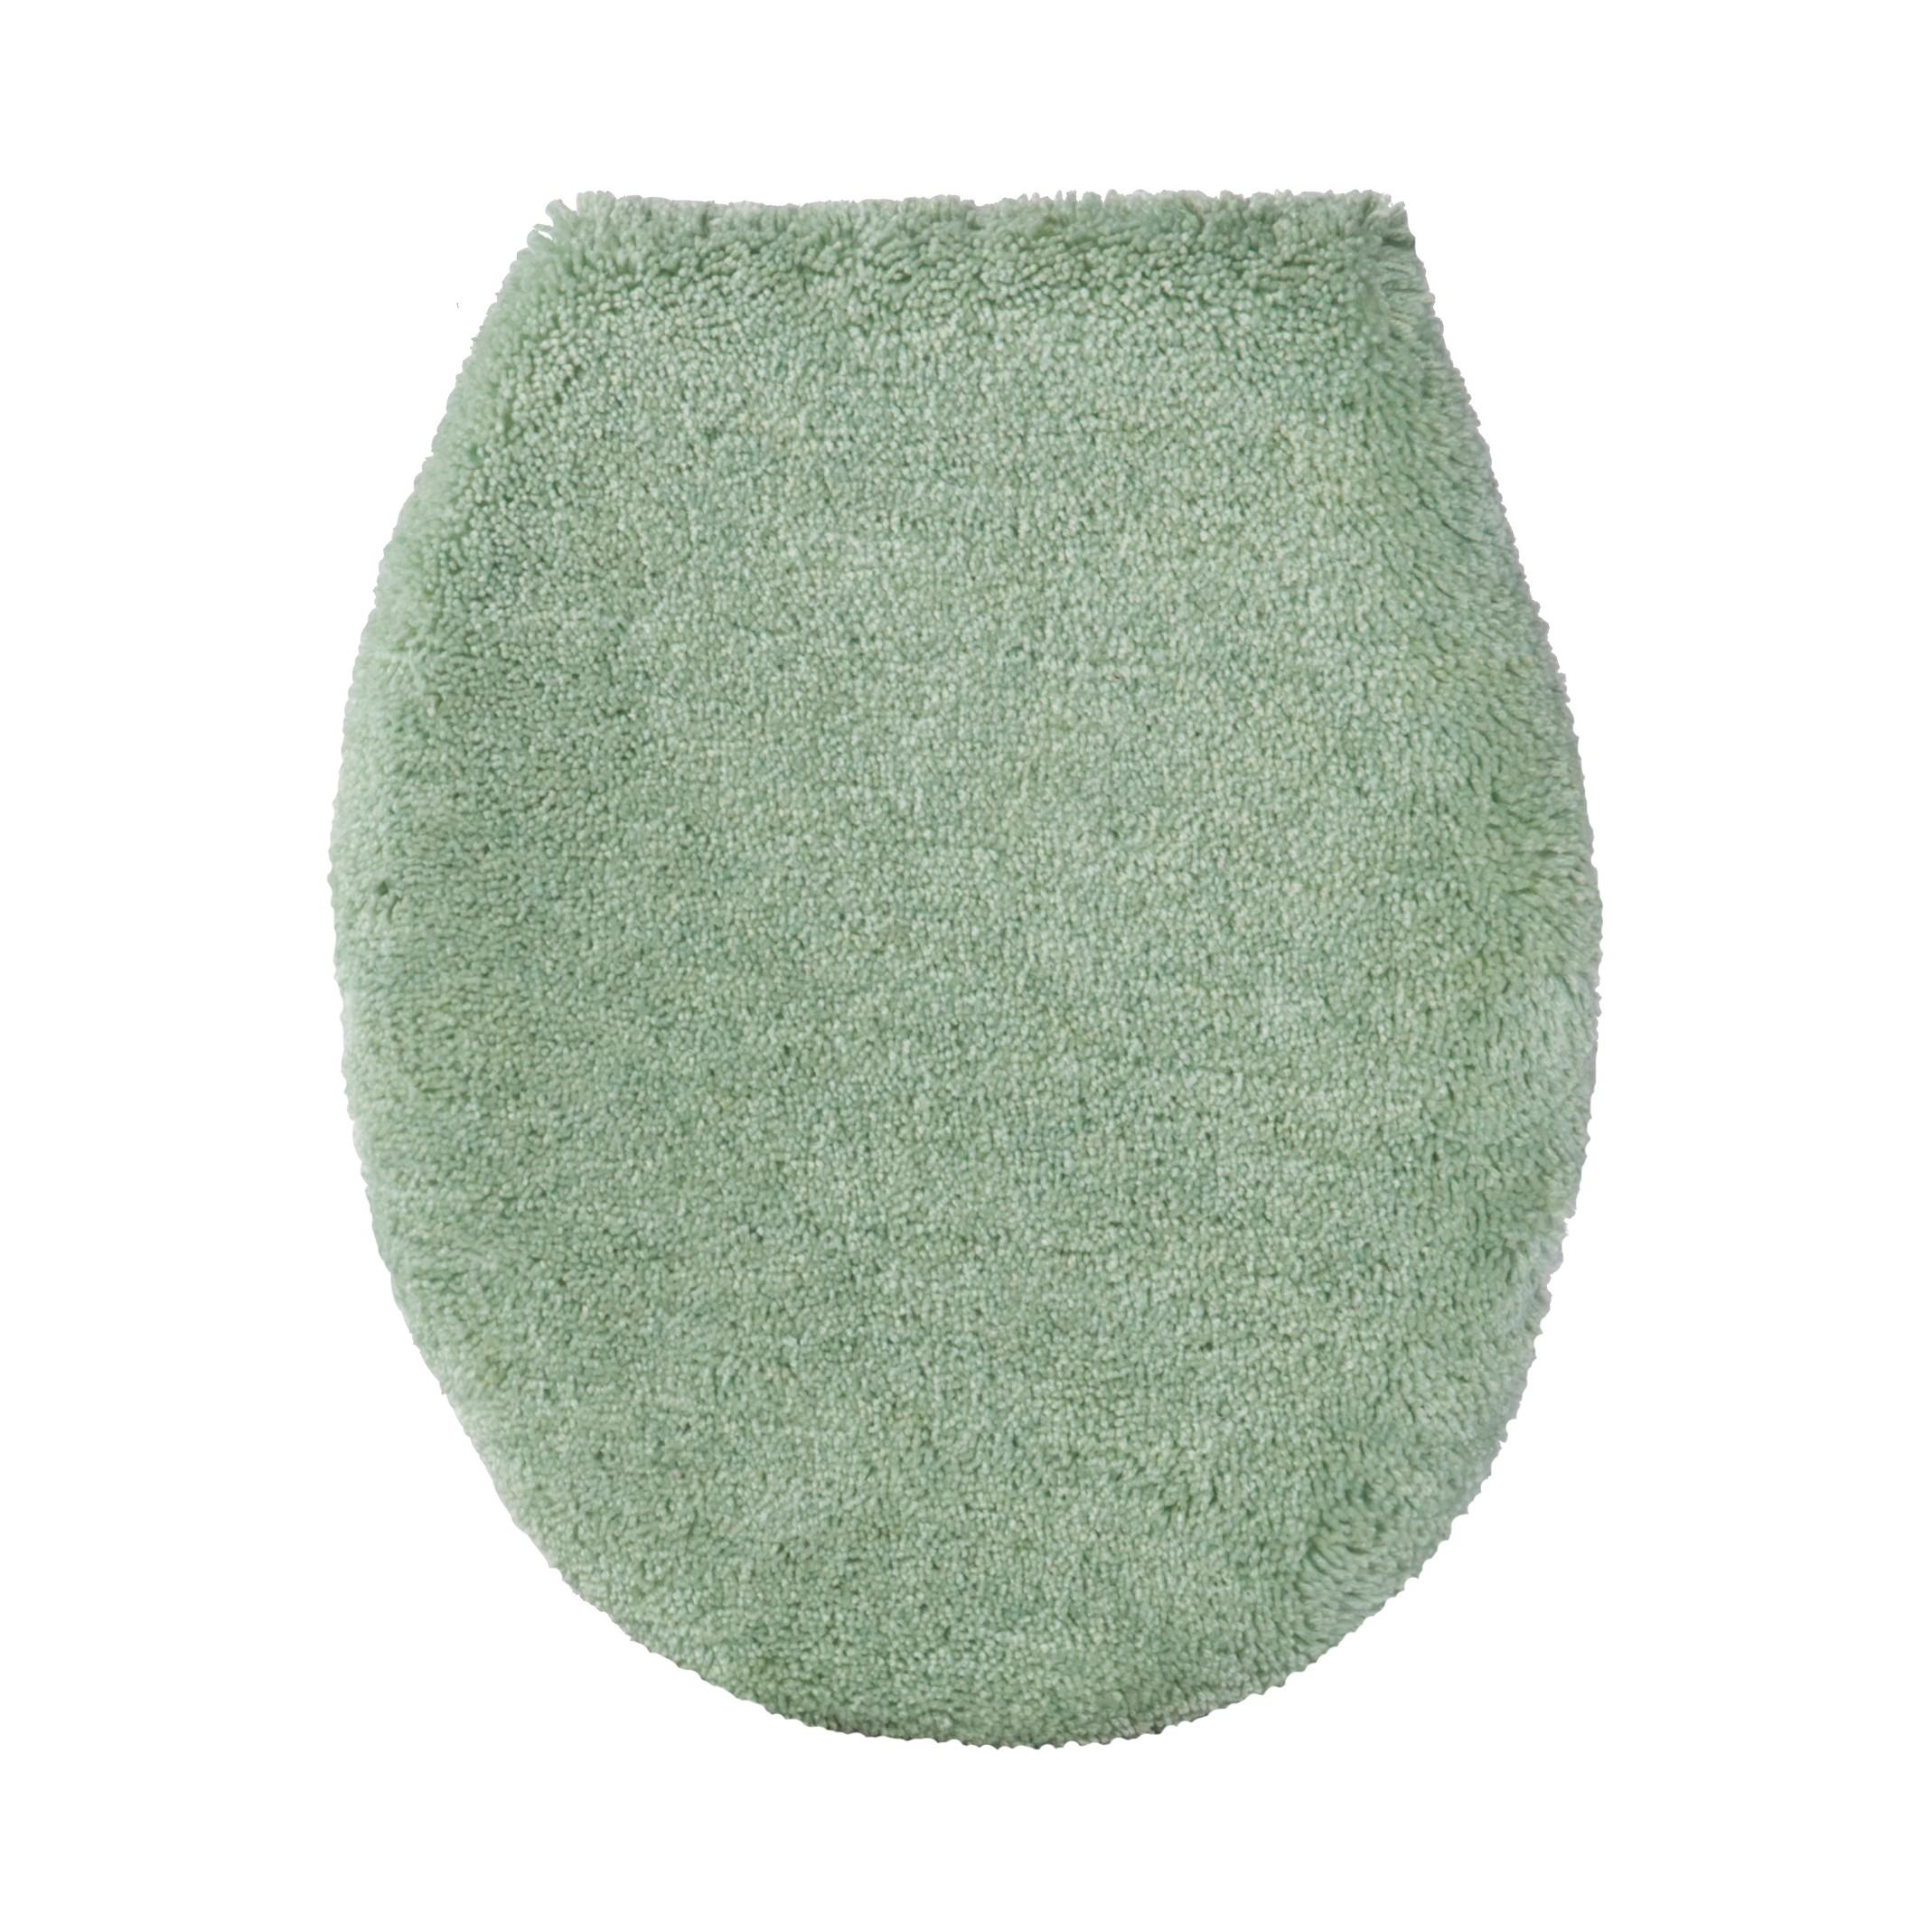 WC-Deckelbezug Cosmic - Grün, Grund